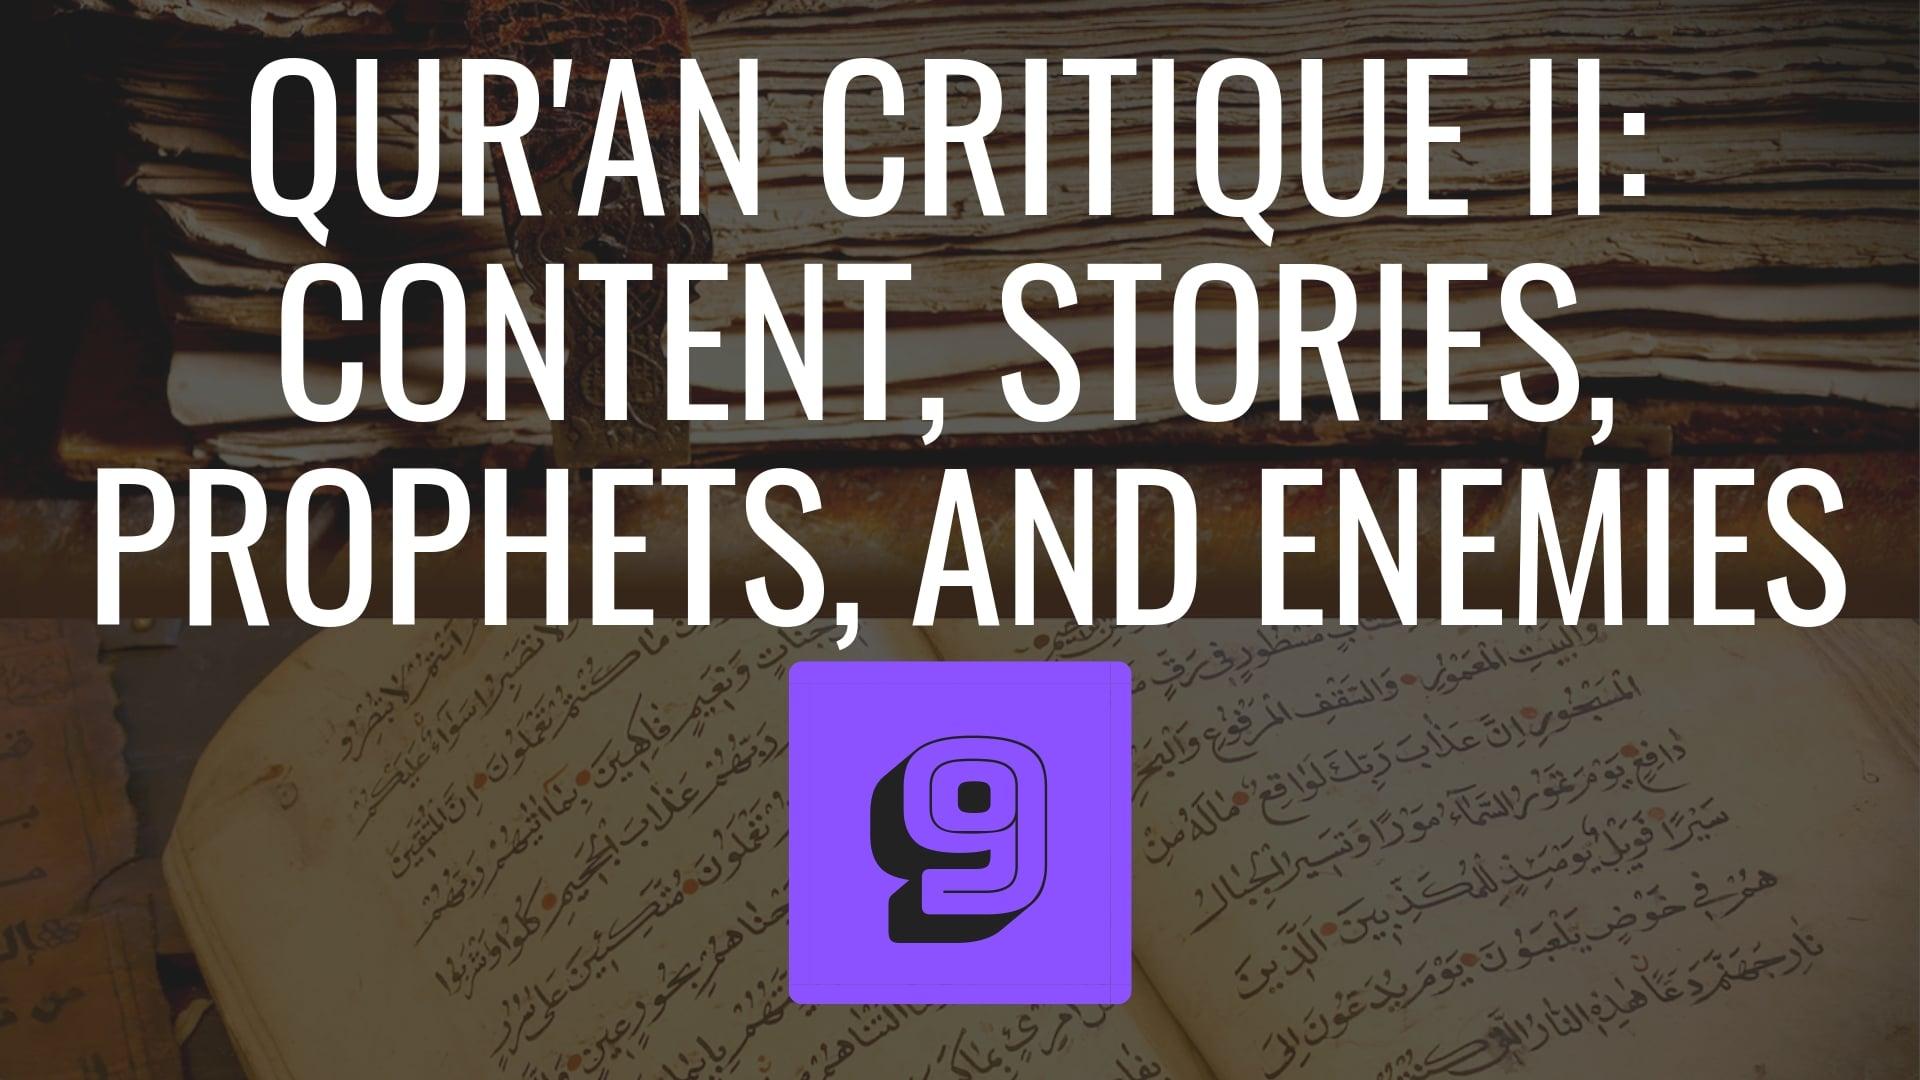 Qur'an Critique Part 2: Content, Stories, Prophets, Enemies, Rituals